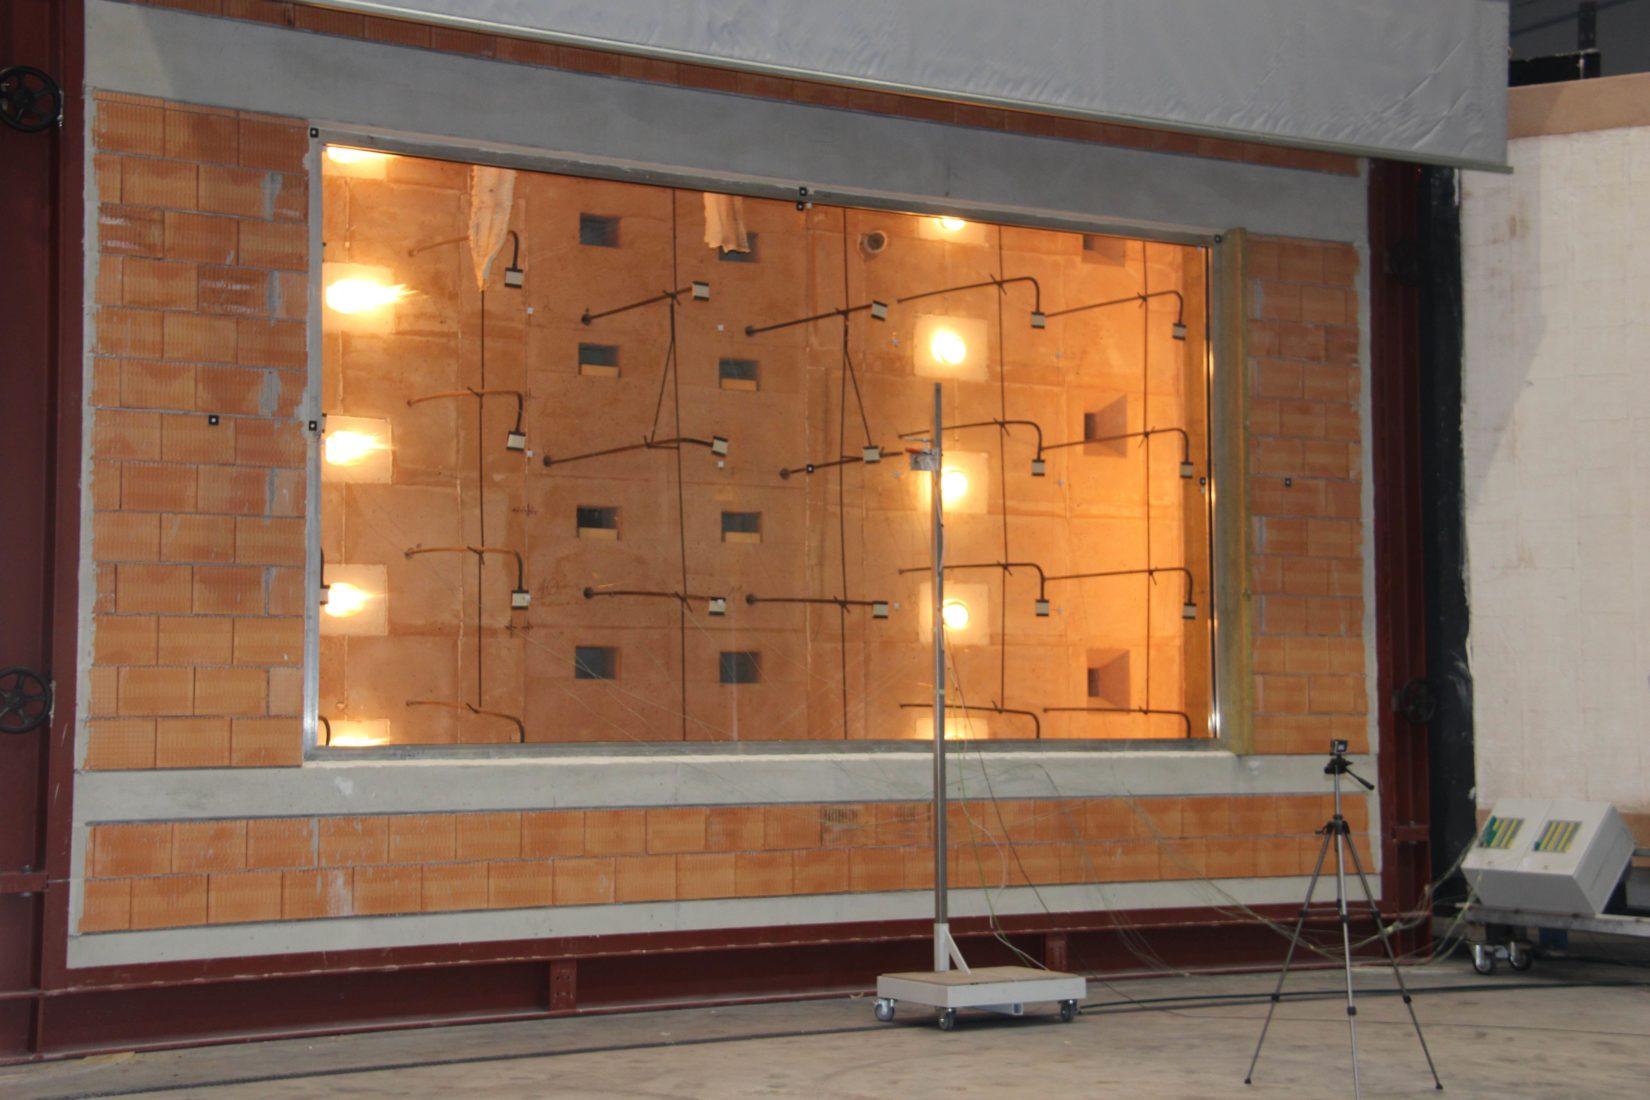 Prüfung eines Brandschutzglases der Firma Polflam. Foto: ift Rosenheim